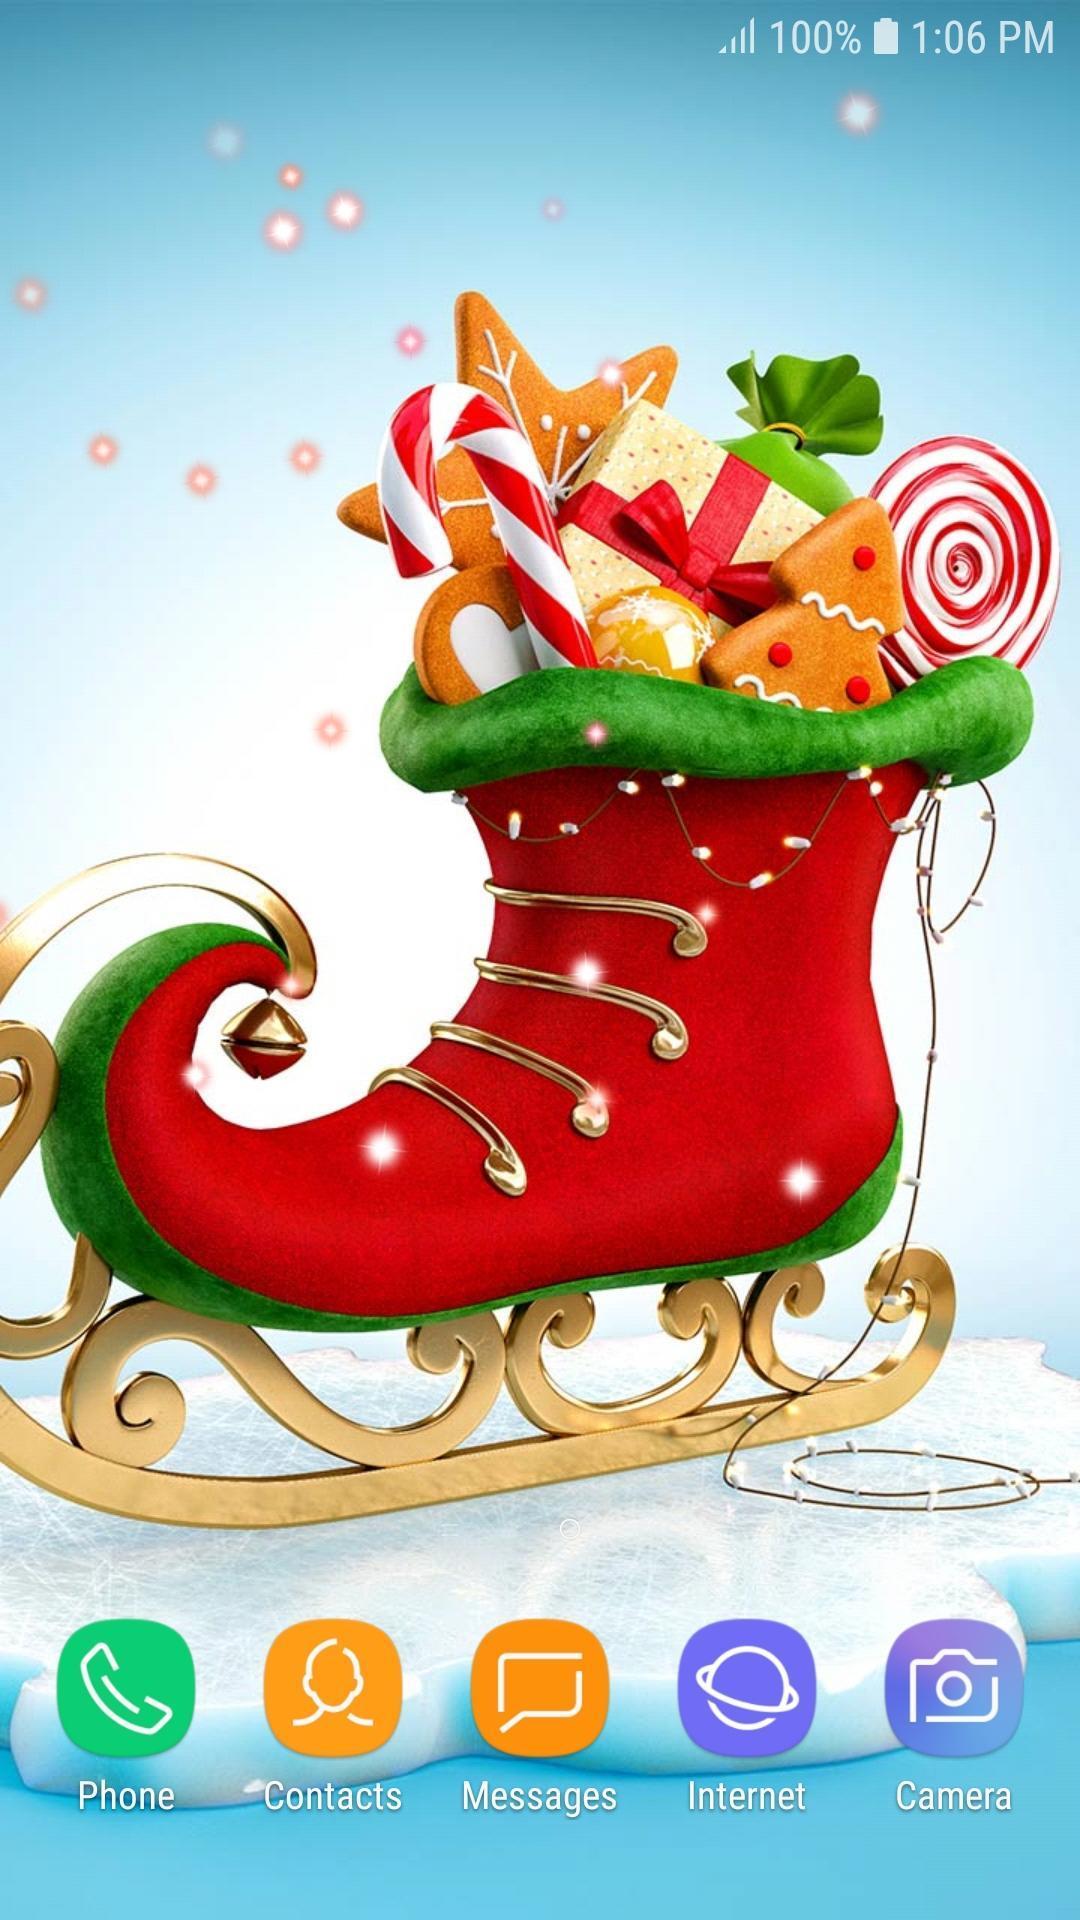 Bilder Weihnachten Animiert.Animierte Hintergründe Weihnachten Kostenlos Für Android Apk